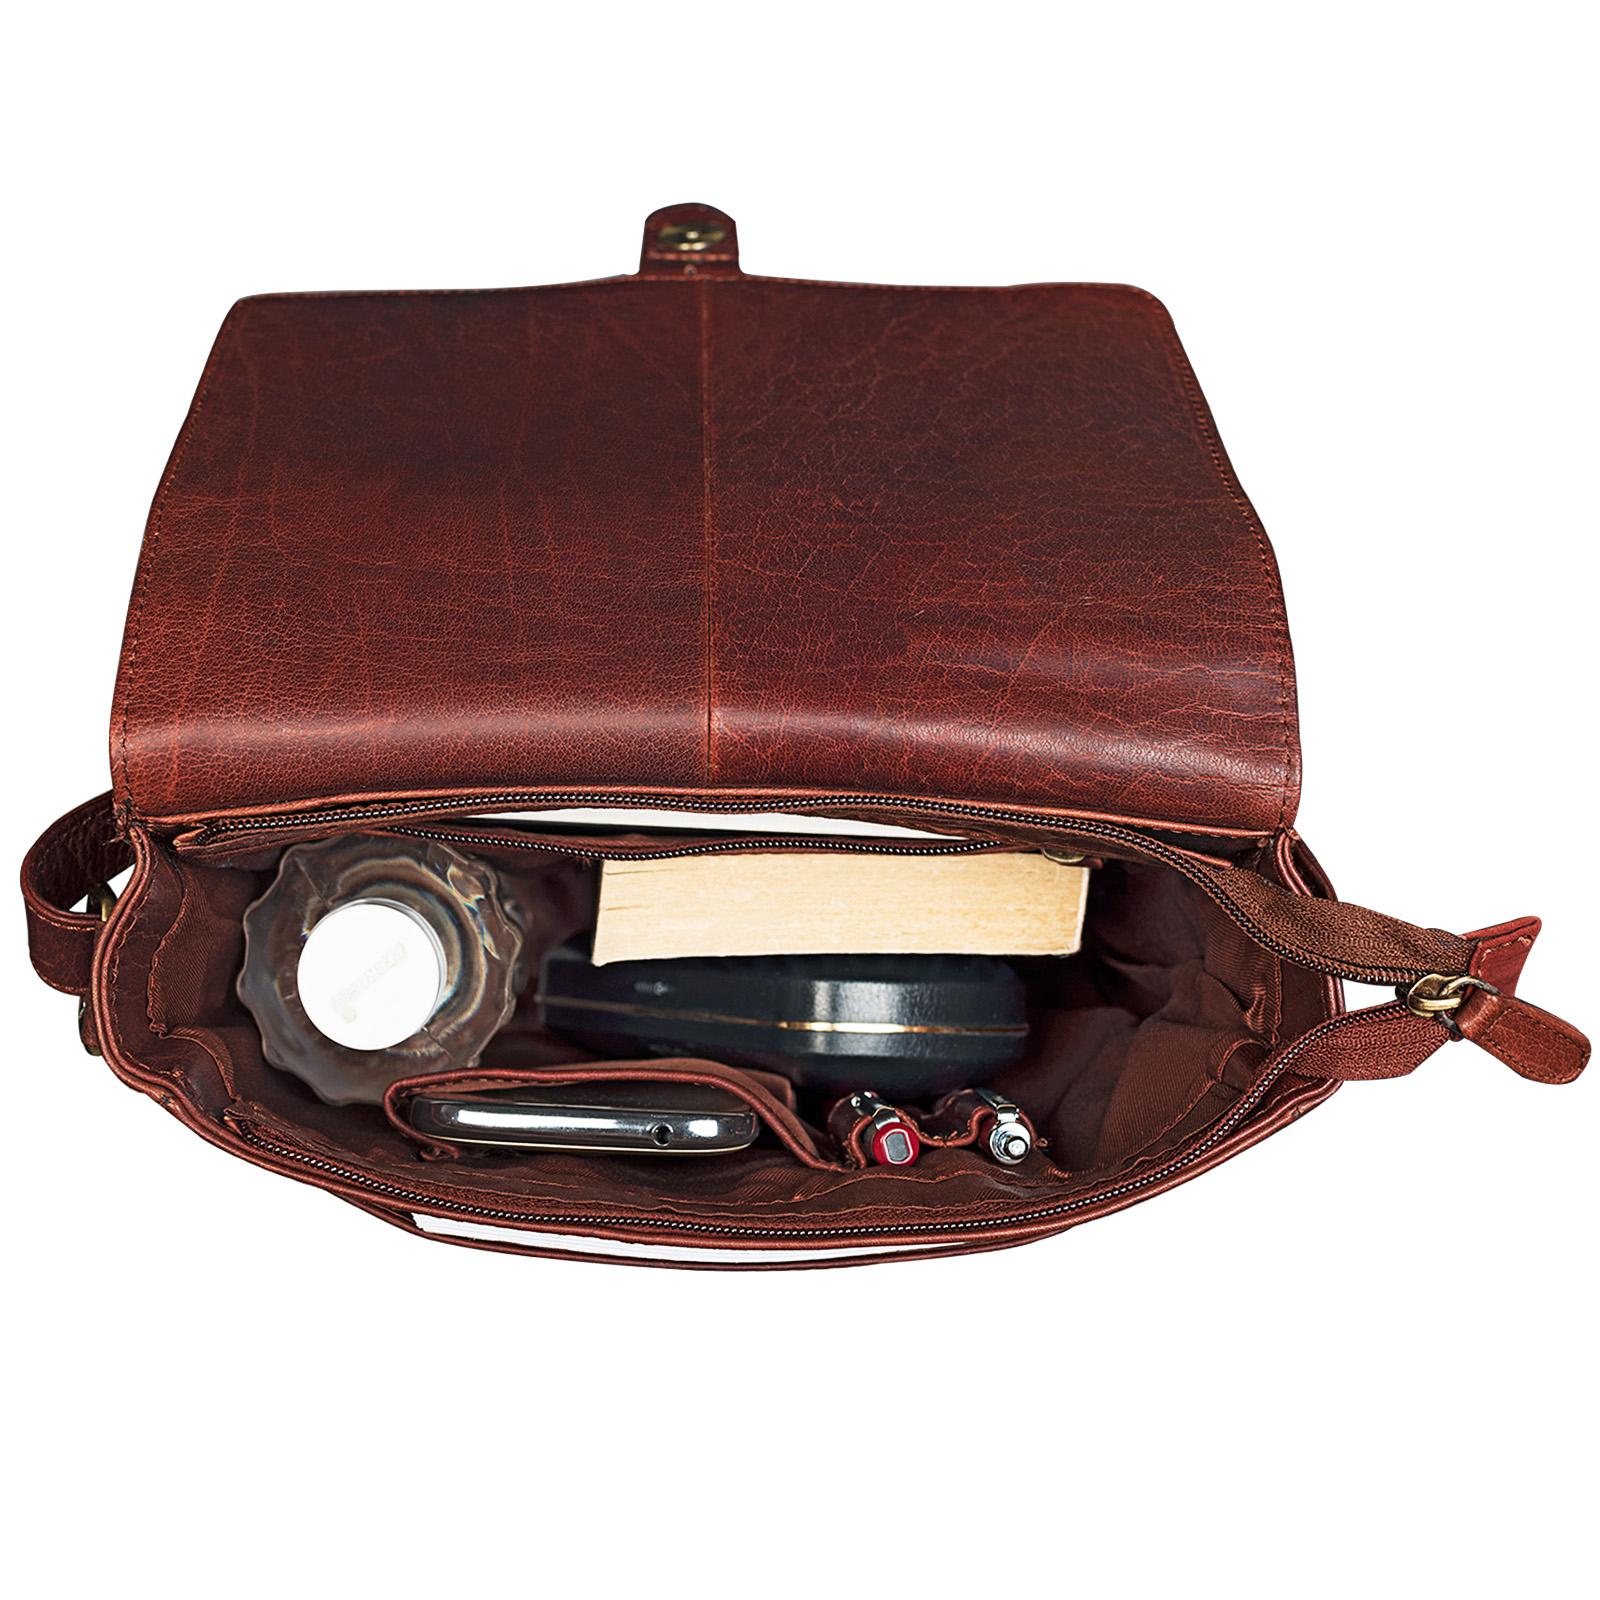 Herren Messenger Tasche echtes Leder